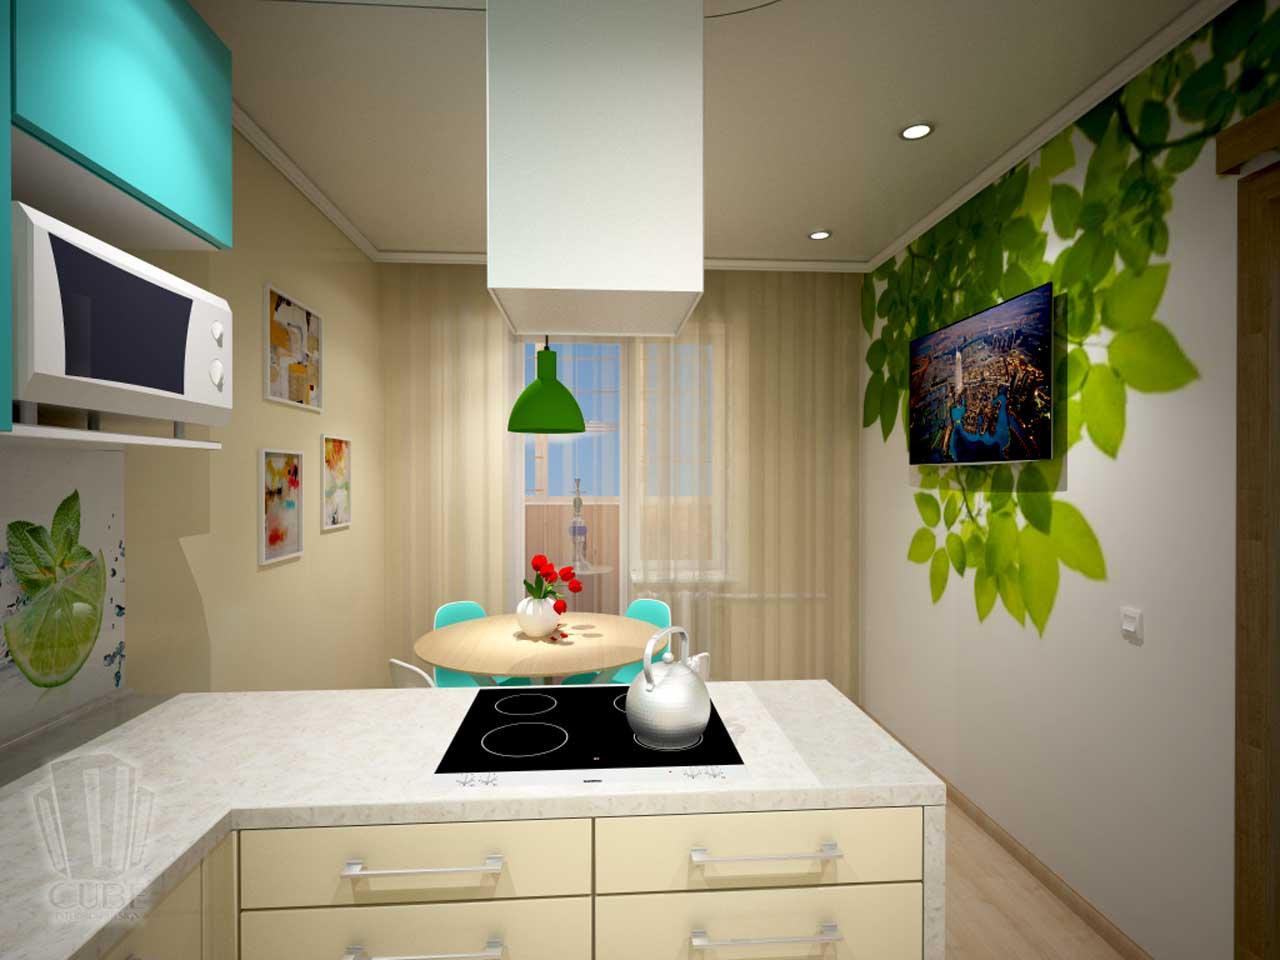 Дизайн-проект интерьера. Тюмень ул. Широтная д.158. Квартира для молодой семьи (20)